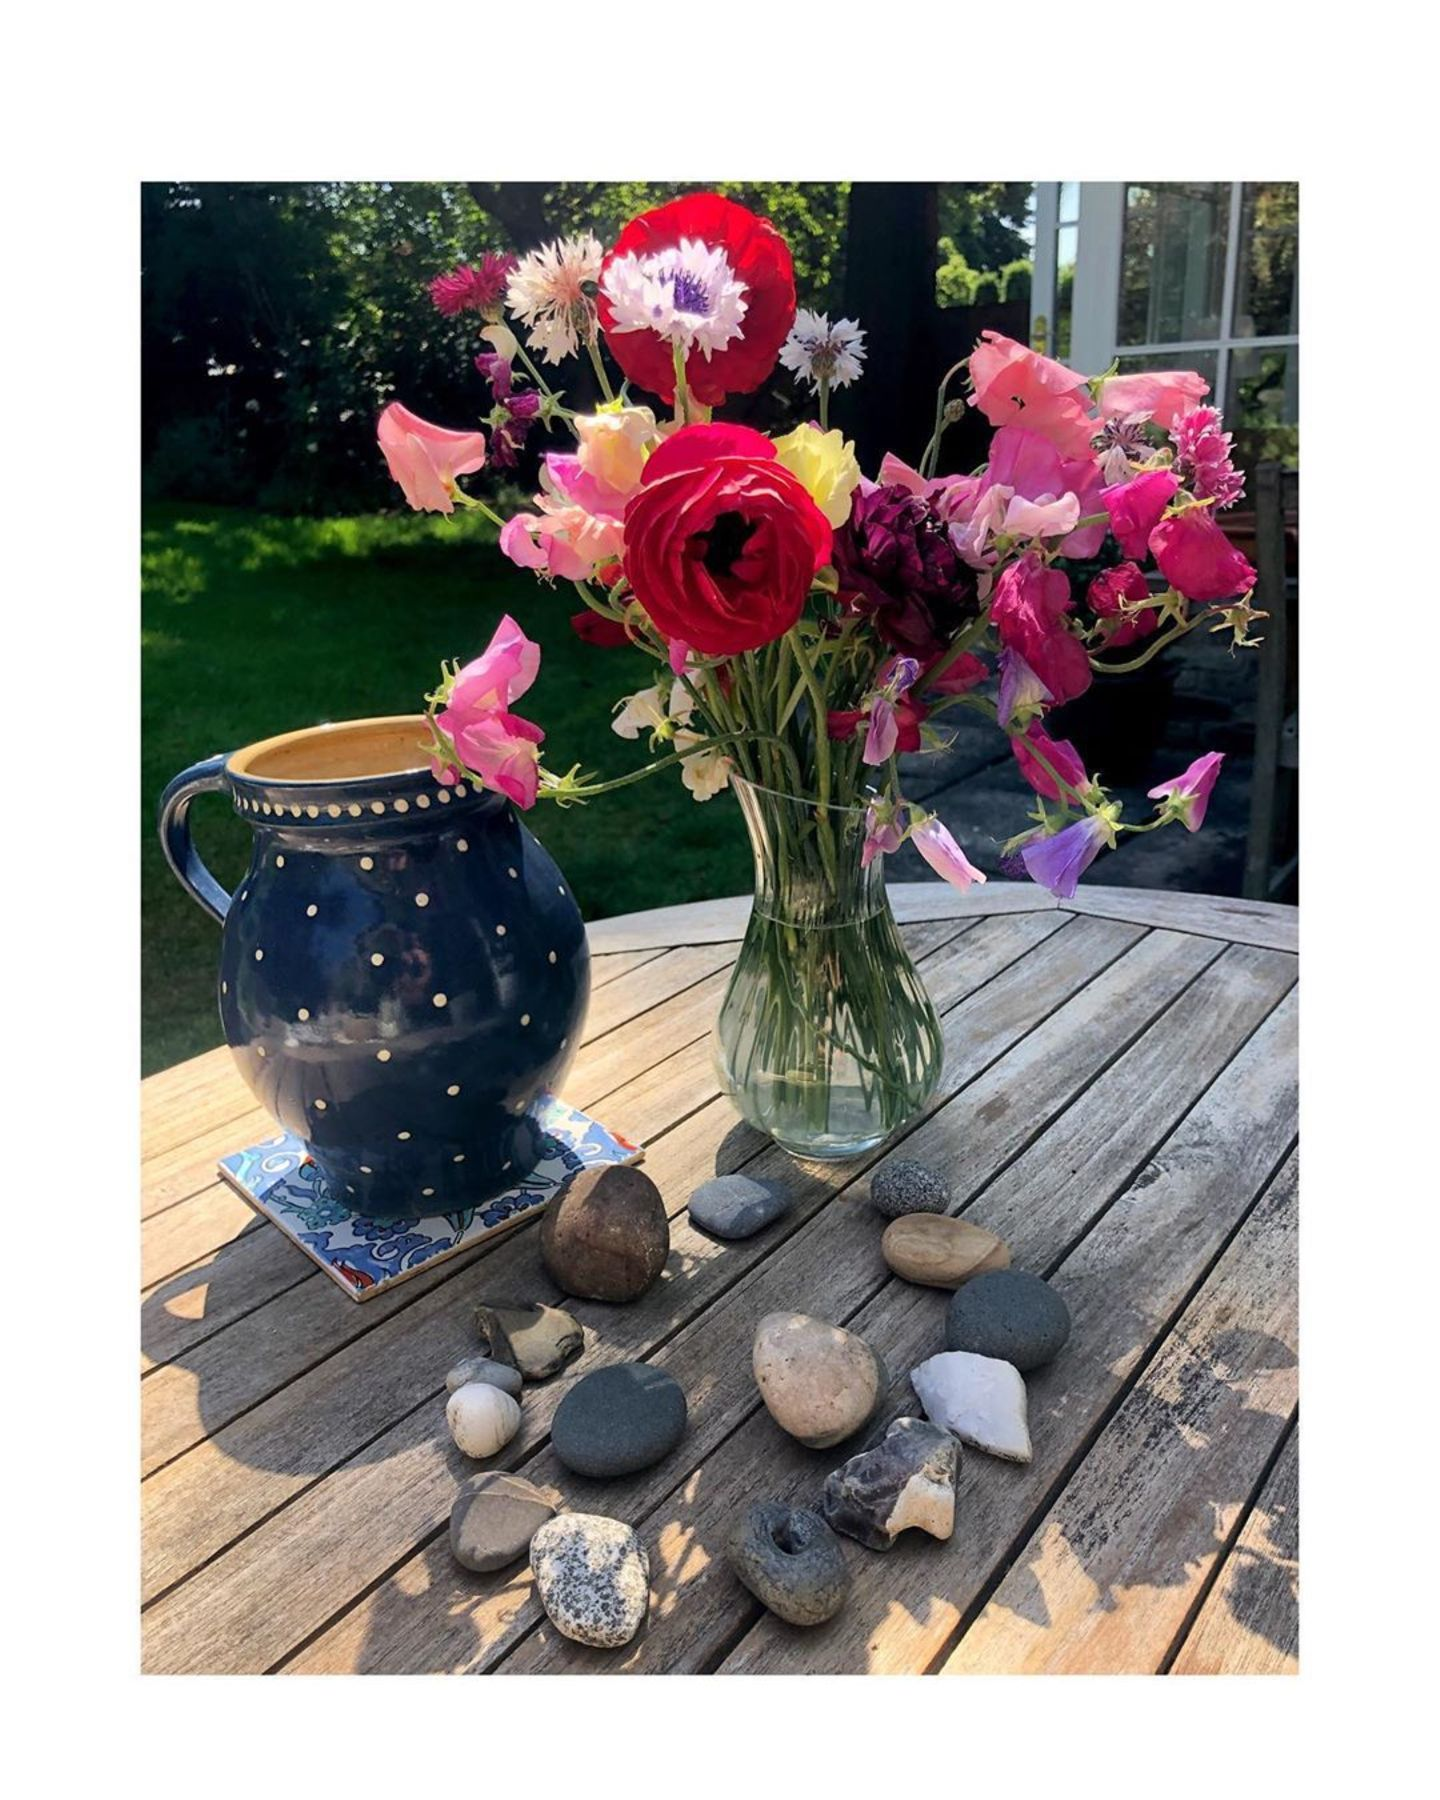 Mit Blumen und hübschem Geschirr kann sich das sonnige Fleckchen aber sehen lassen.